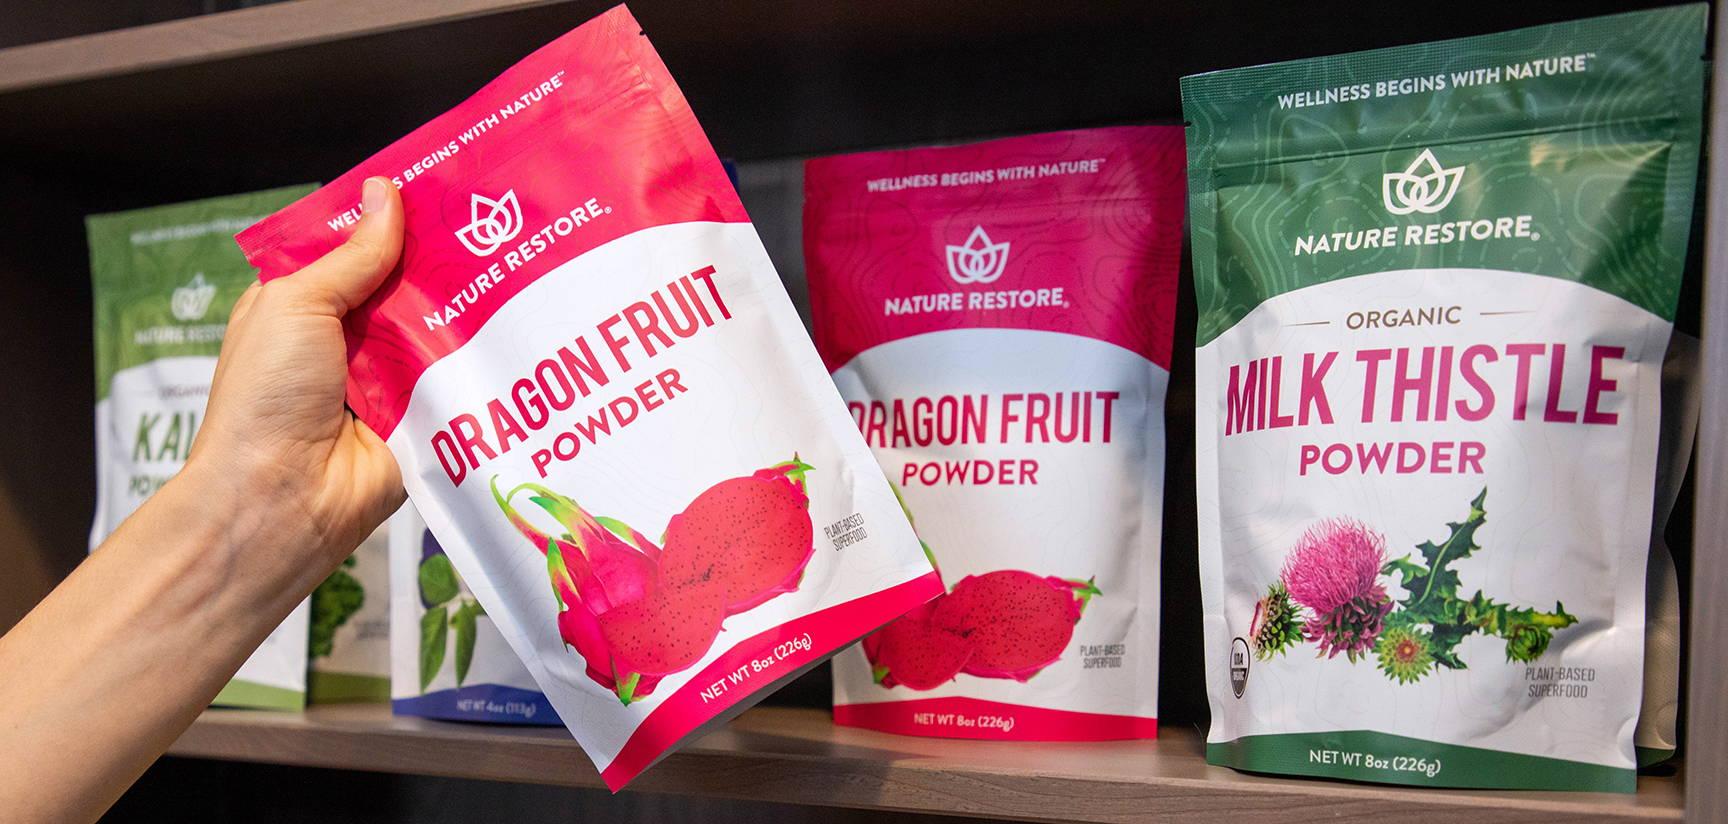 Retail shelf of Nature Restore powders